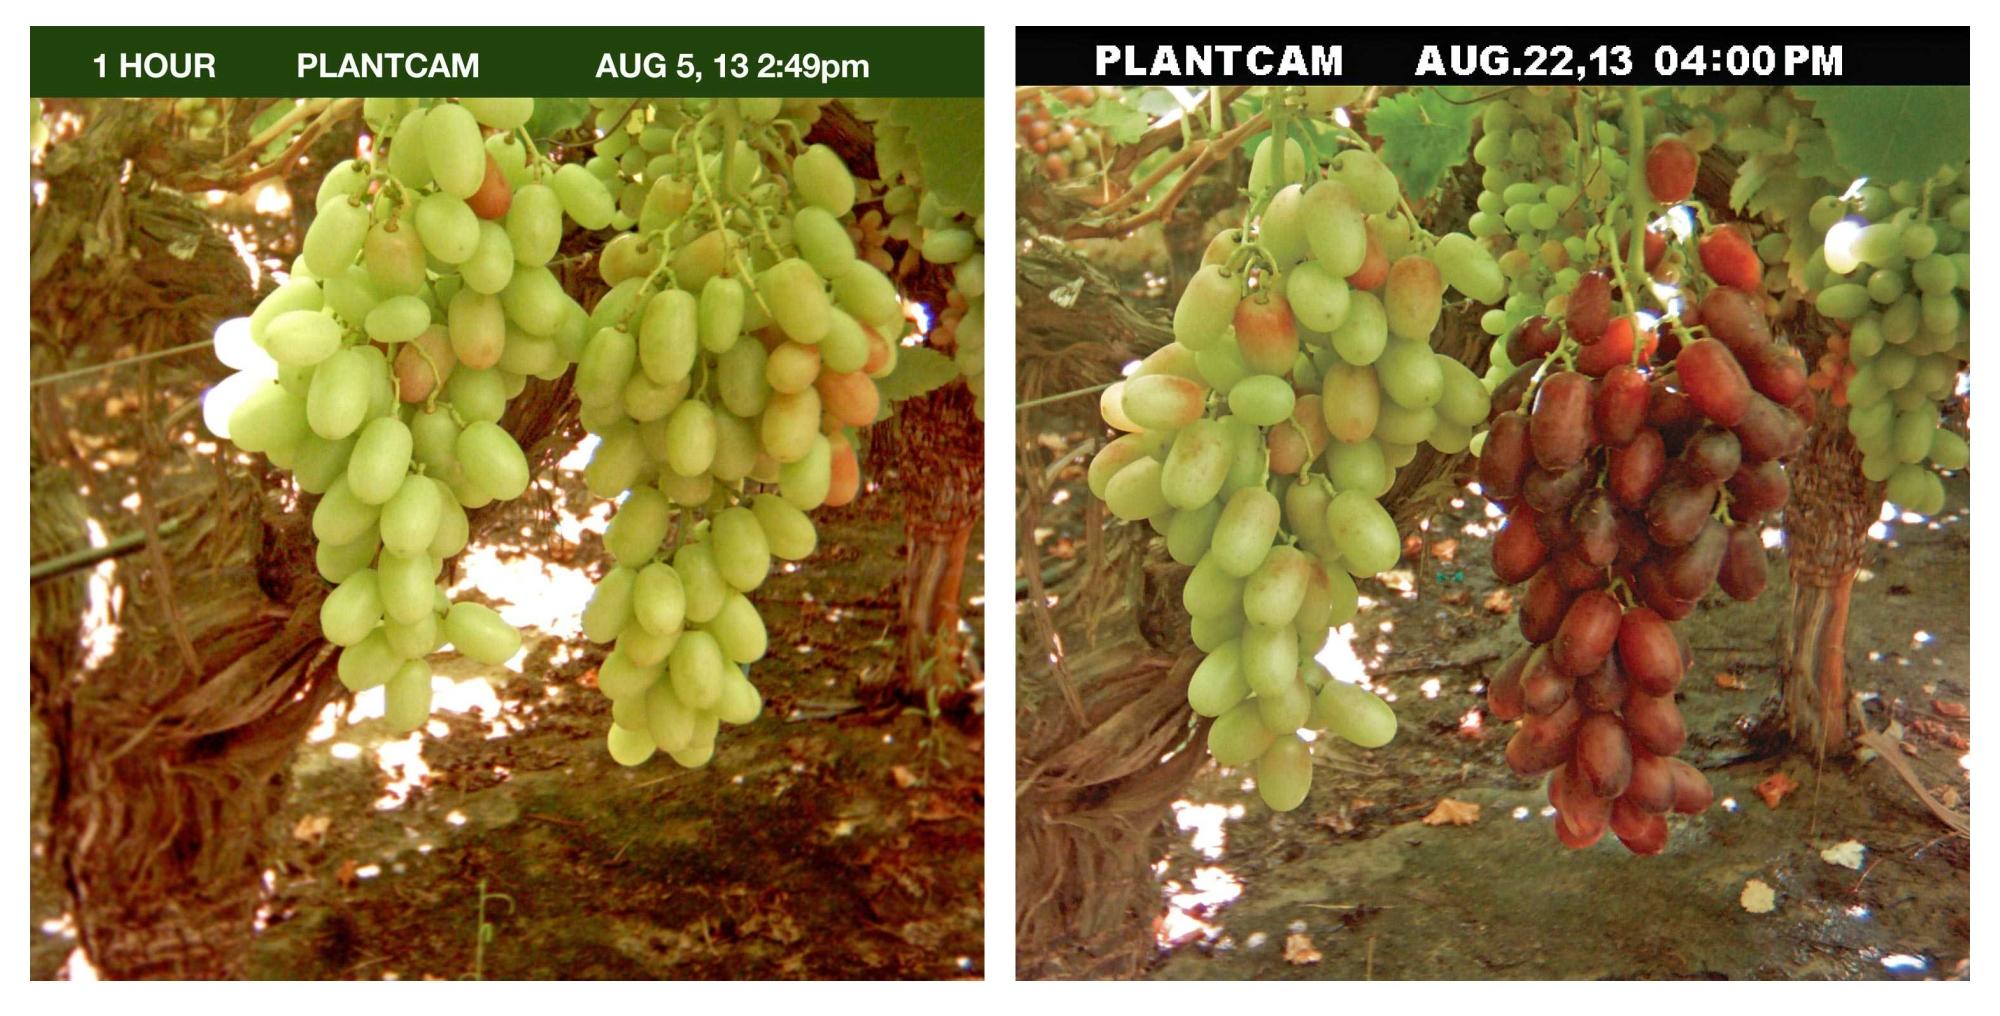 El regulador de crecimiento adecuado puede incrementar el retorno de inversión en uvas